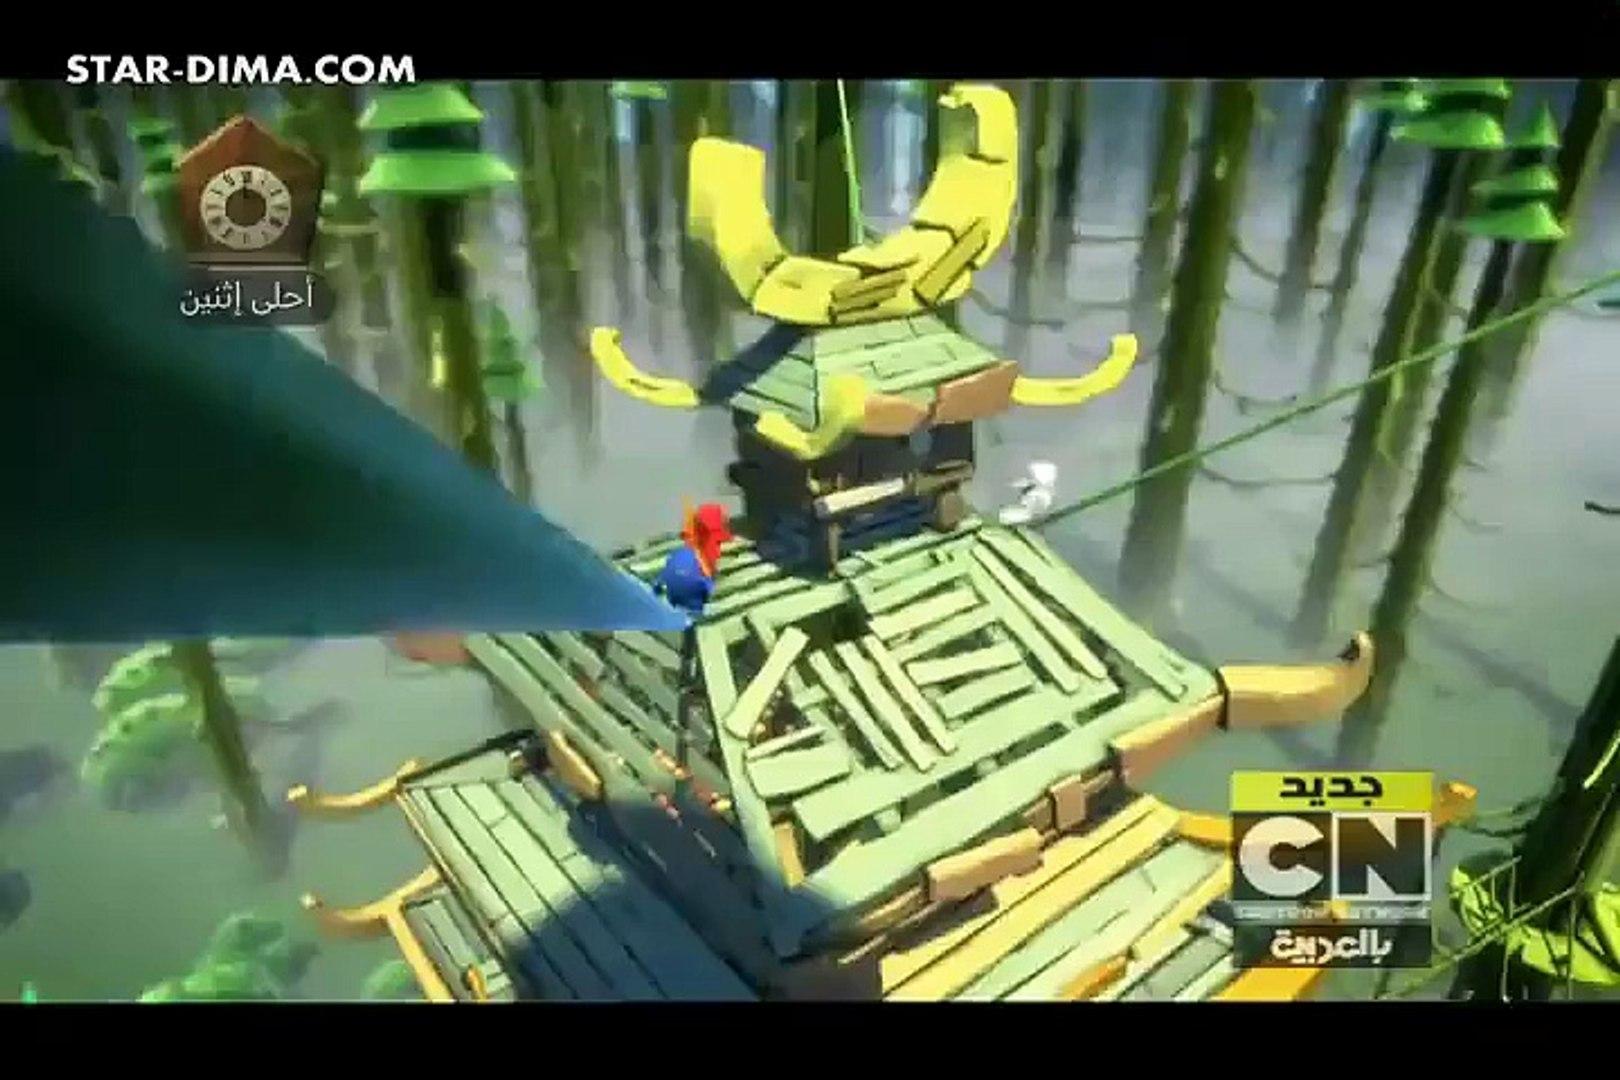 نينجا جو ابطال السبنجيتسو الحلقة 3 فيديو Dailymotion